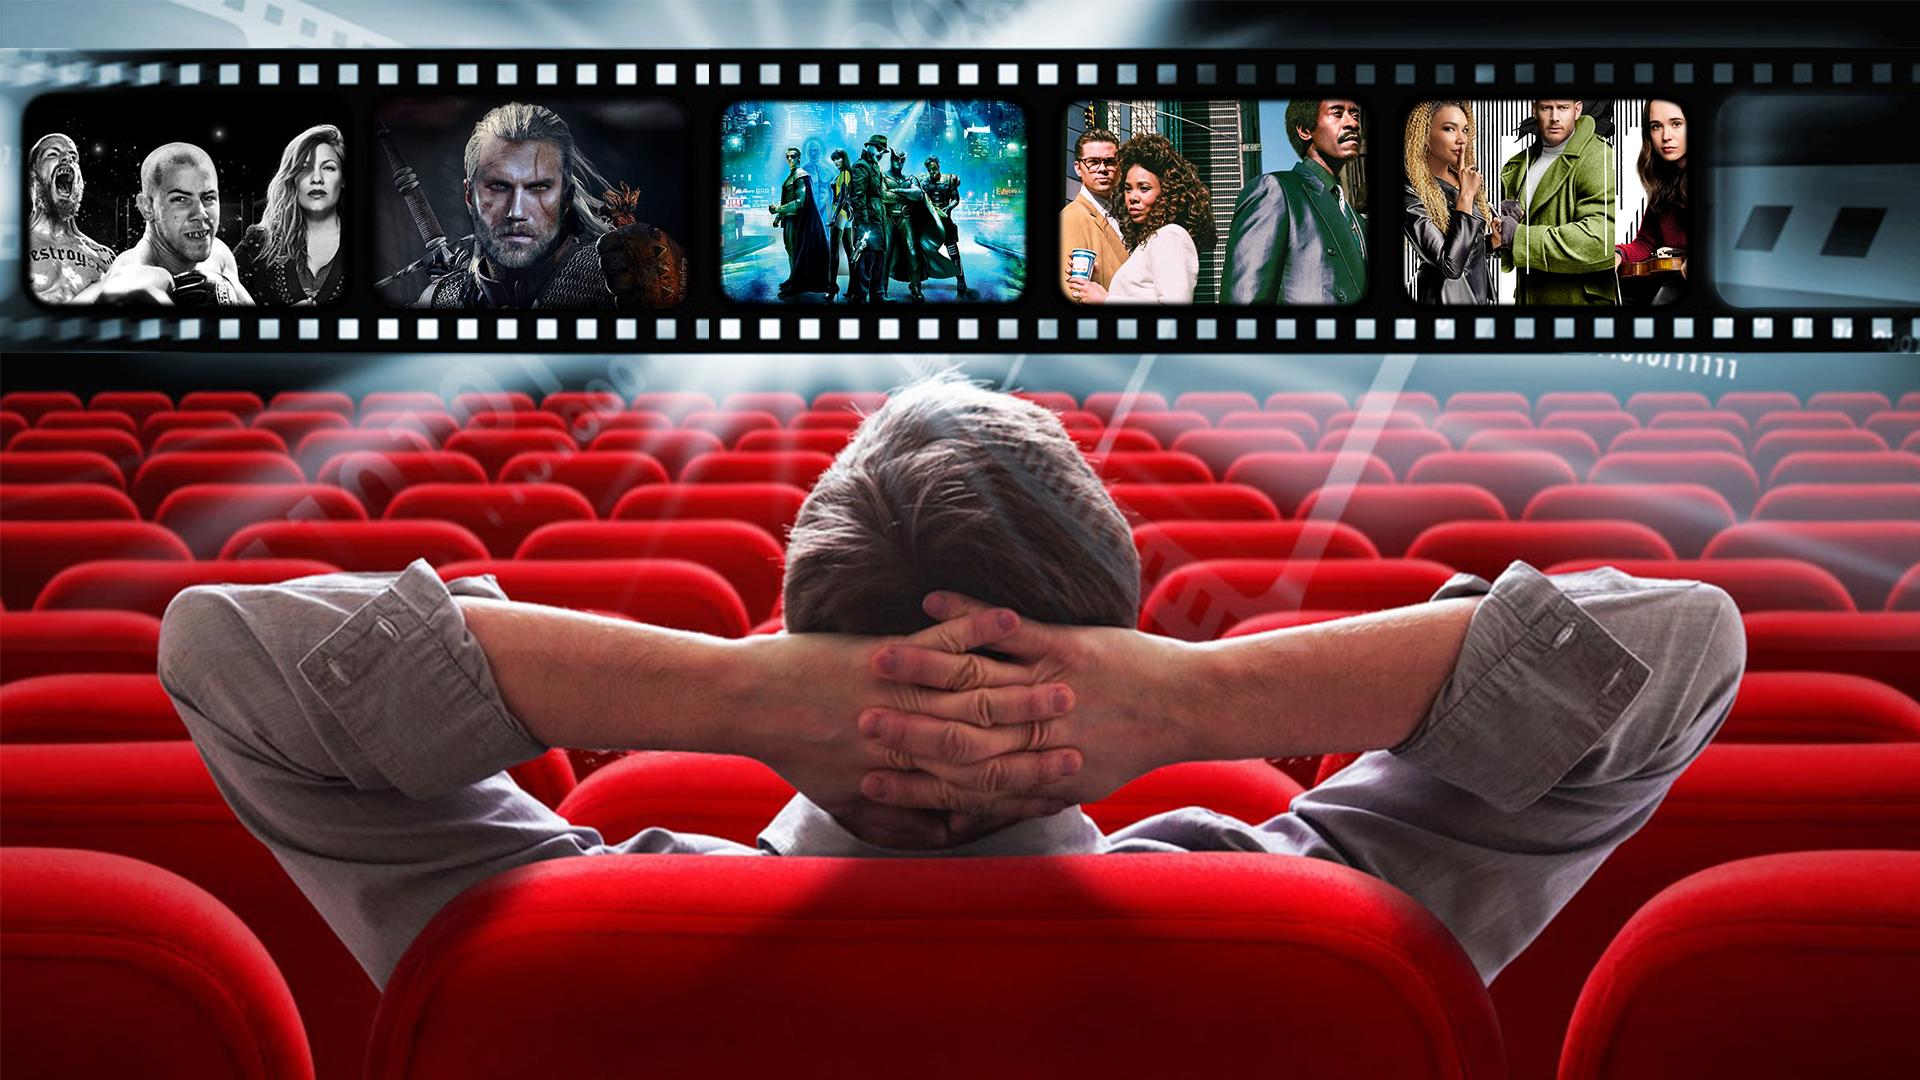 Фильмы на вечер: что нужно знать о них, как выбрать надежную платформу, жанр, Amazon Prime Video и Netflix, как весело провести время над фильмов